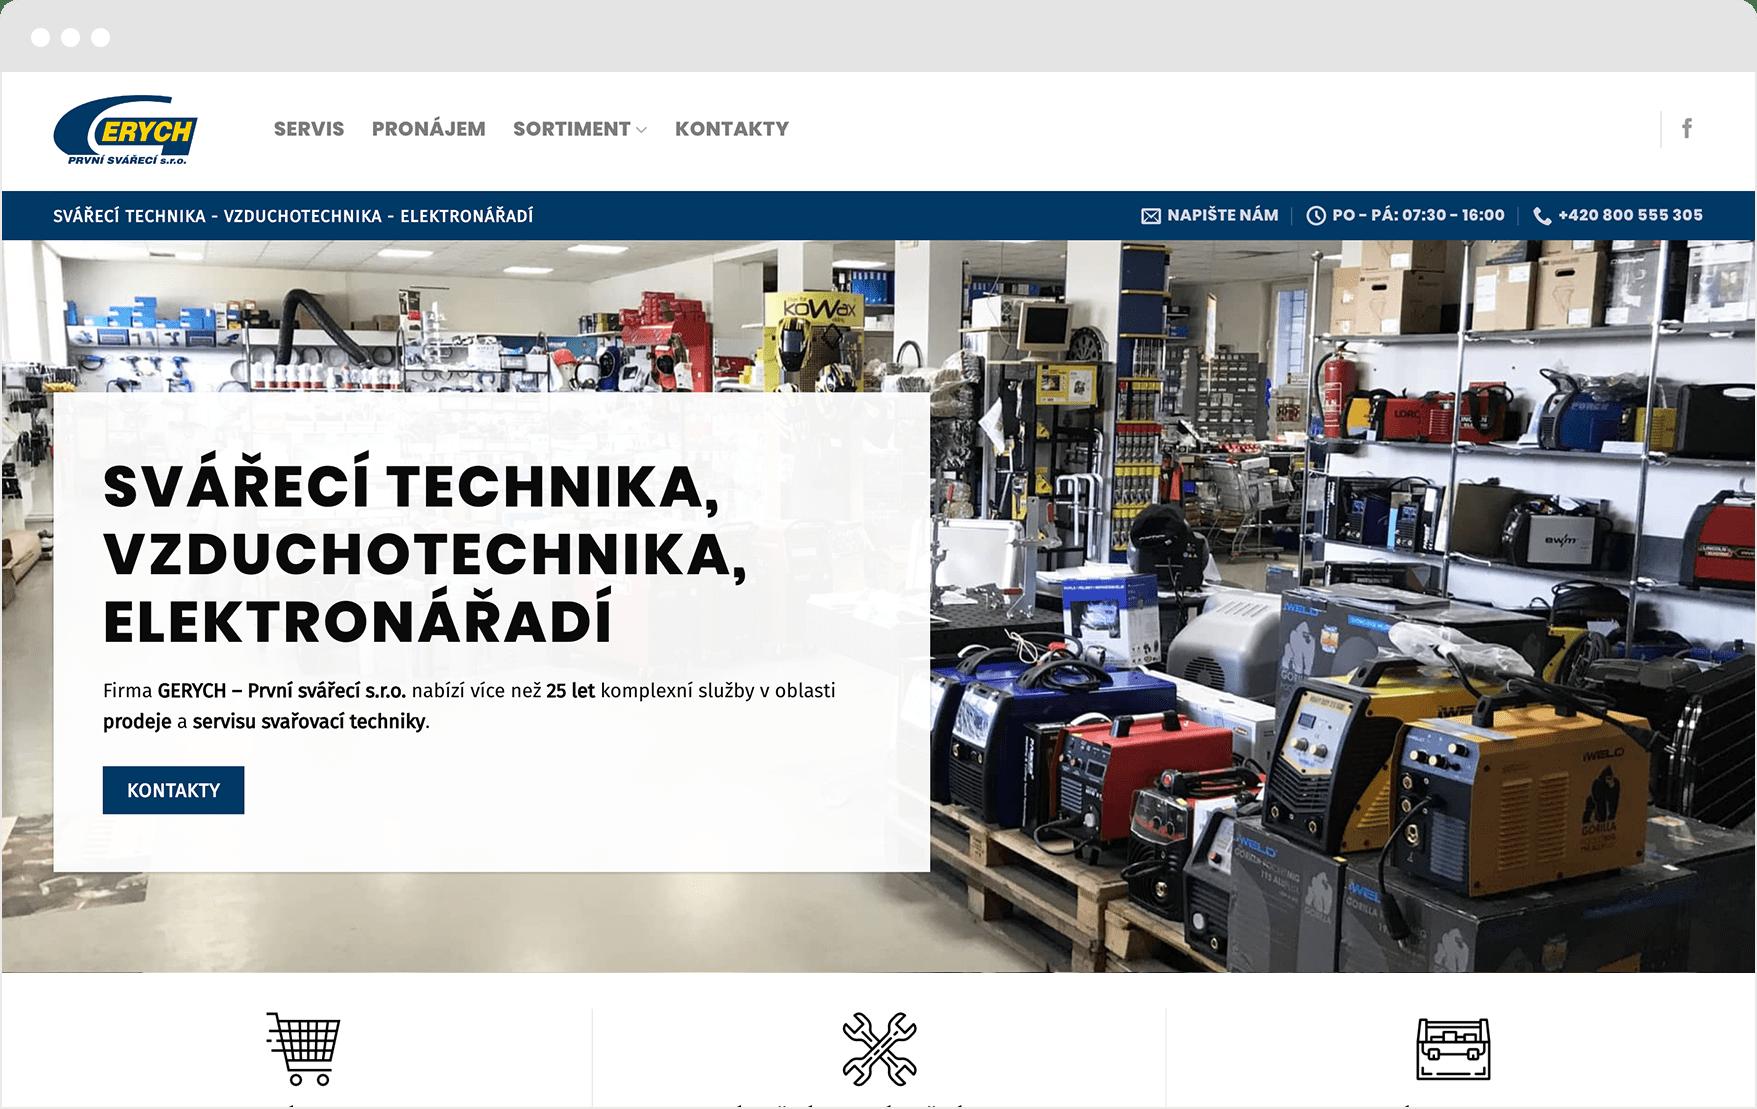 Reference www.gerych.cz